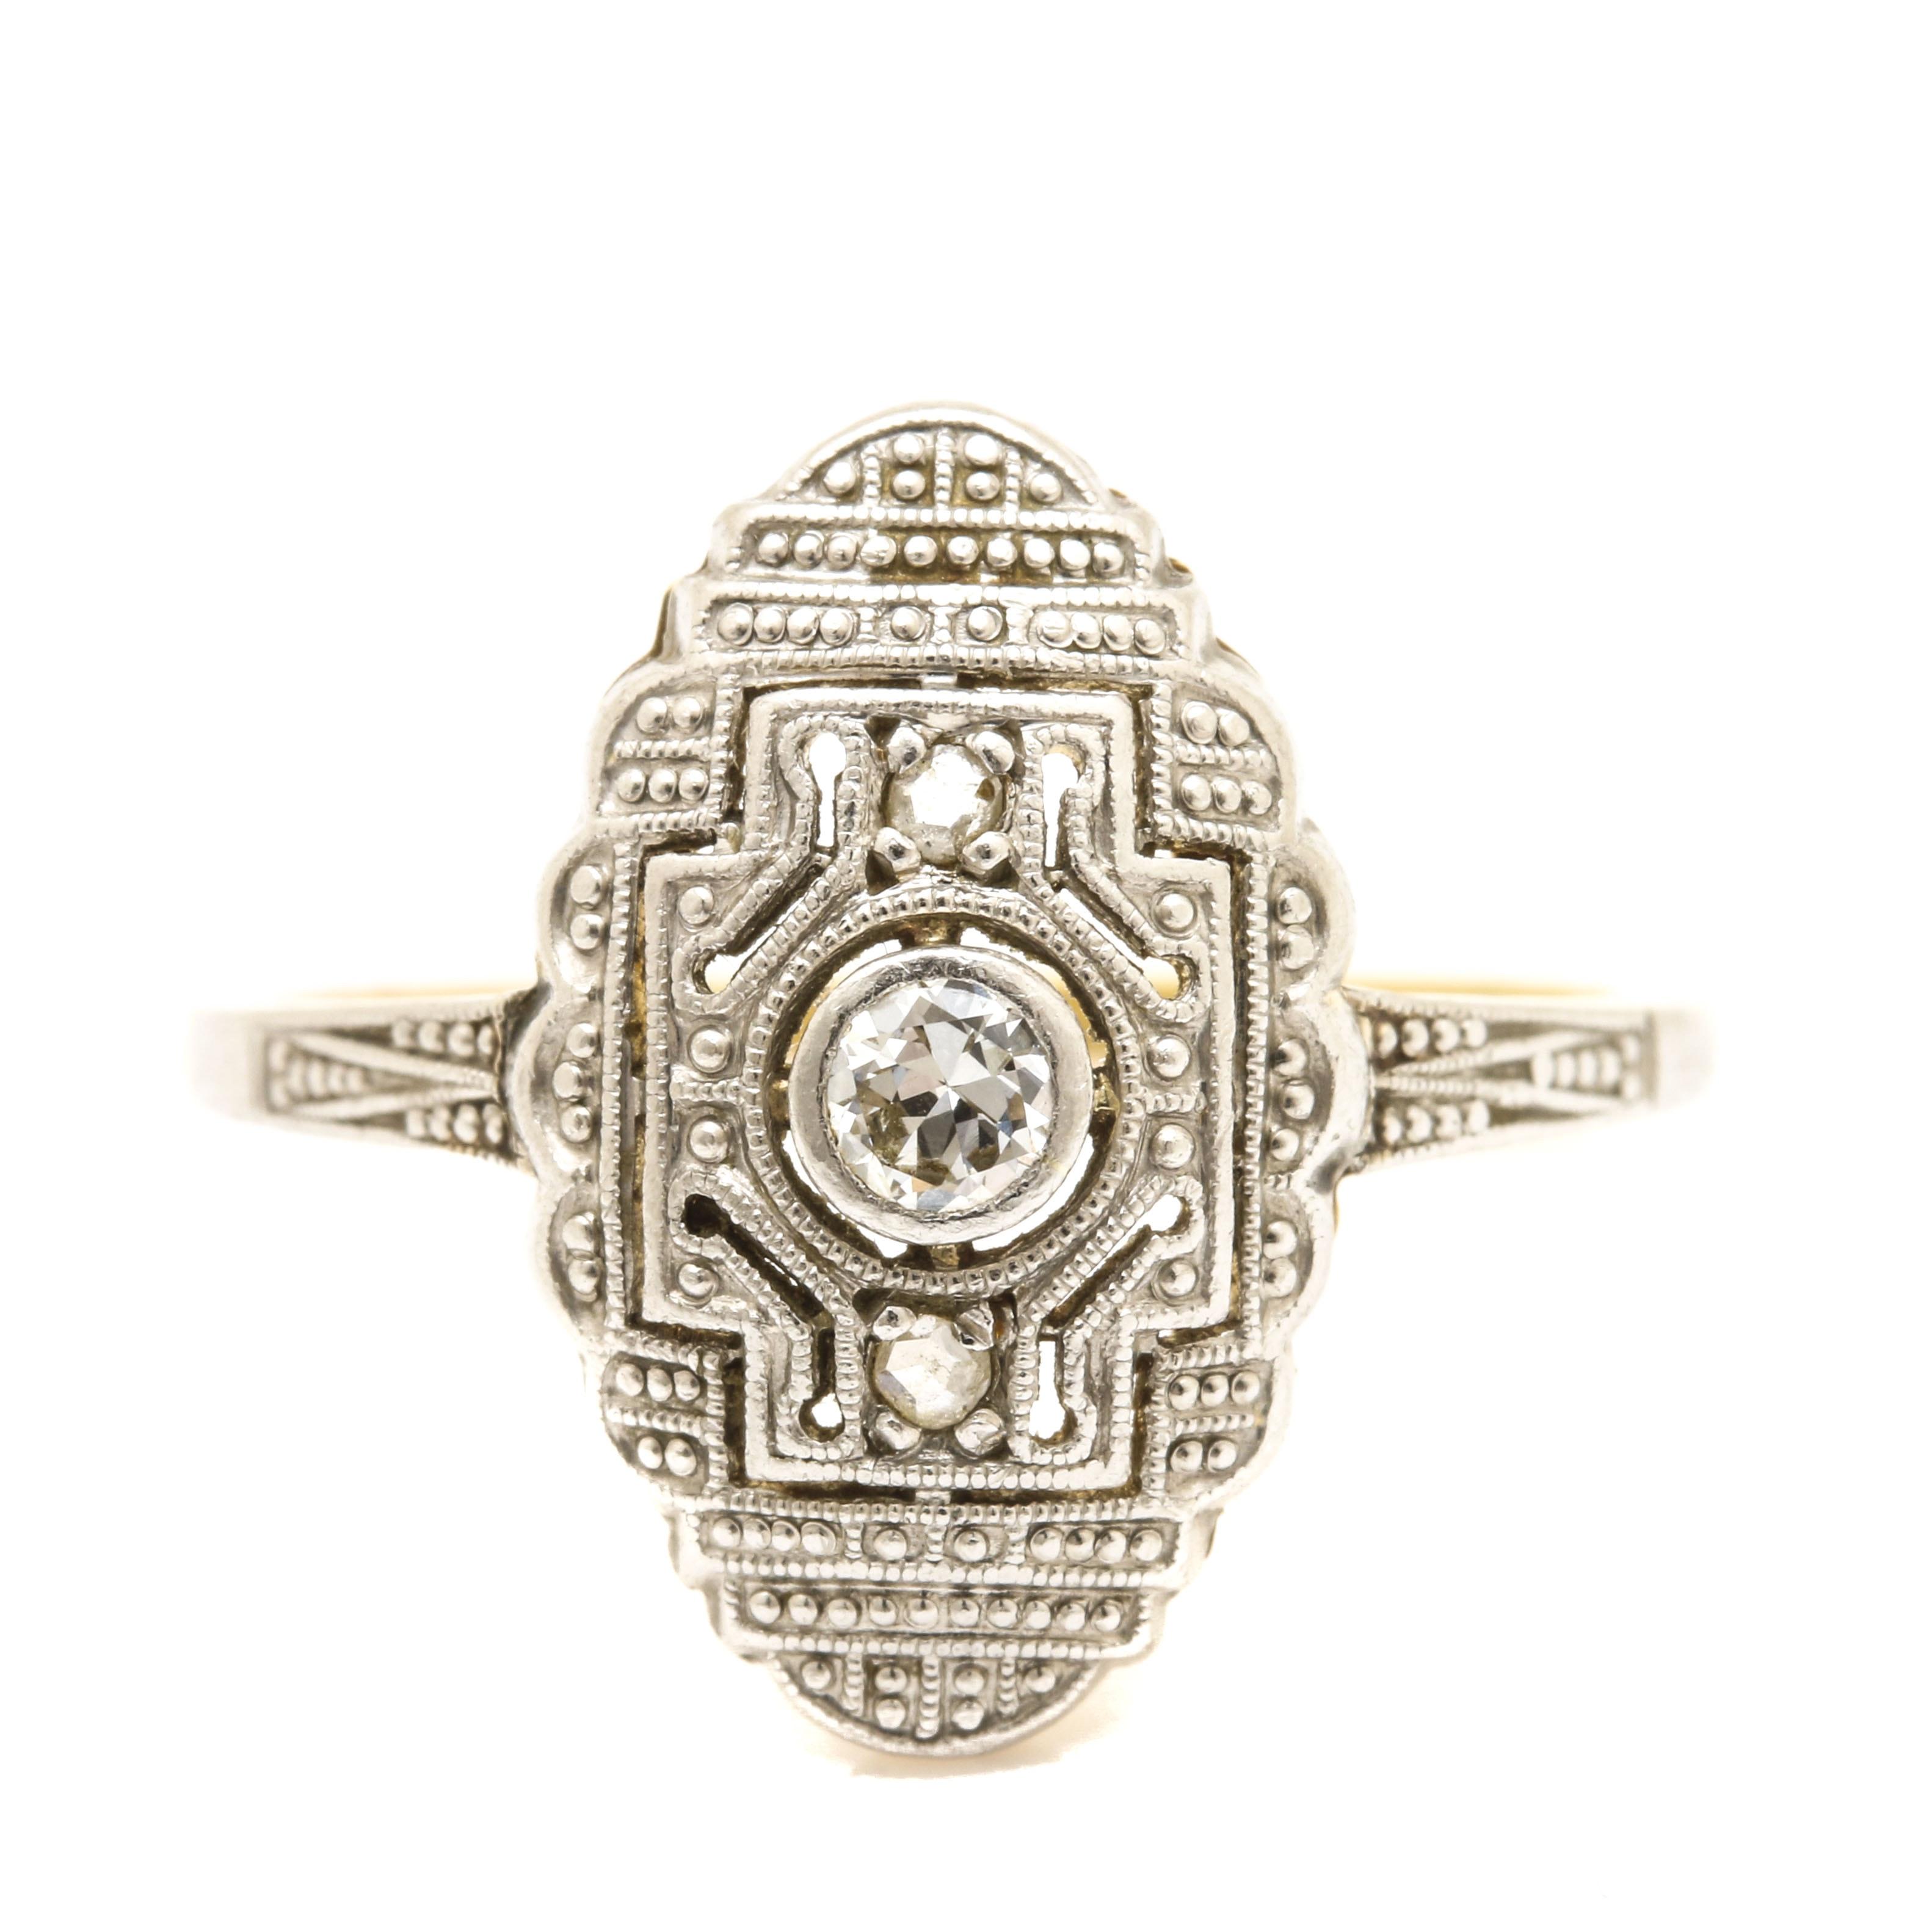 18K Yellow Gold and Platinum Diamond Ring